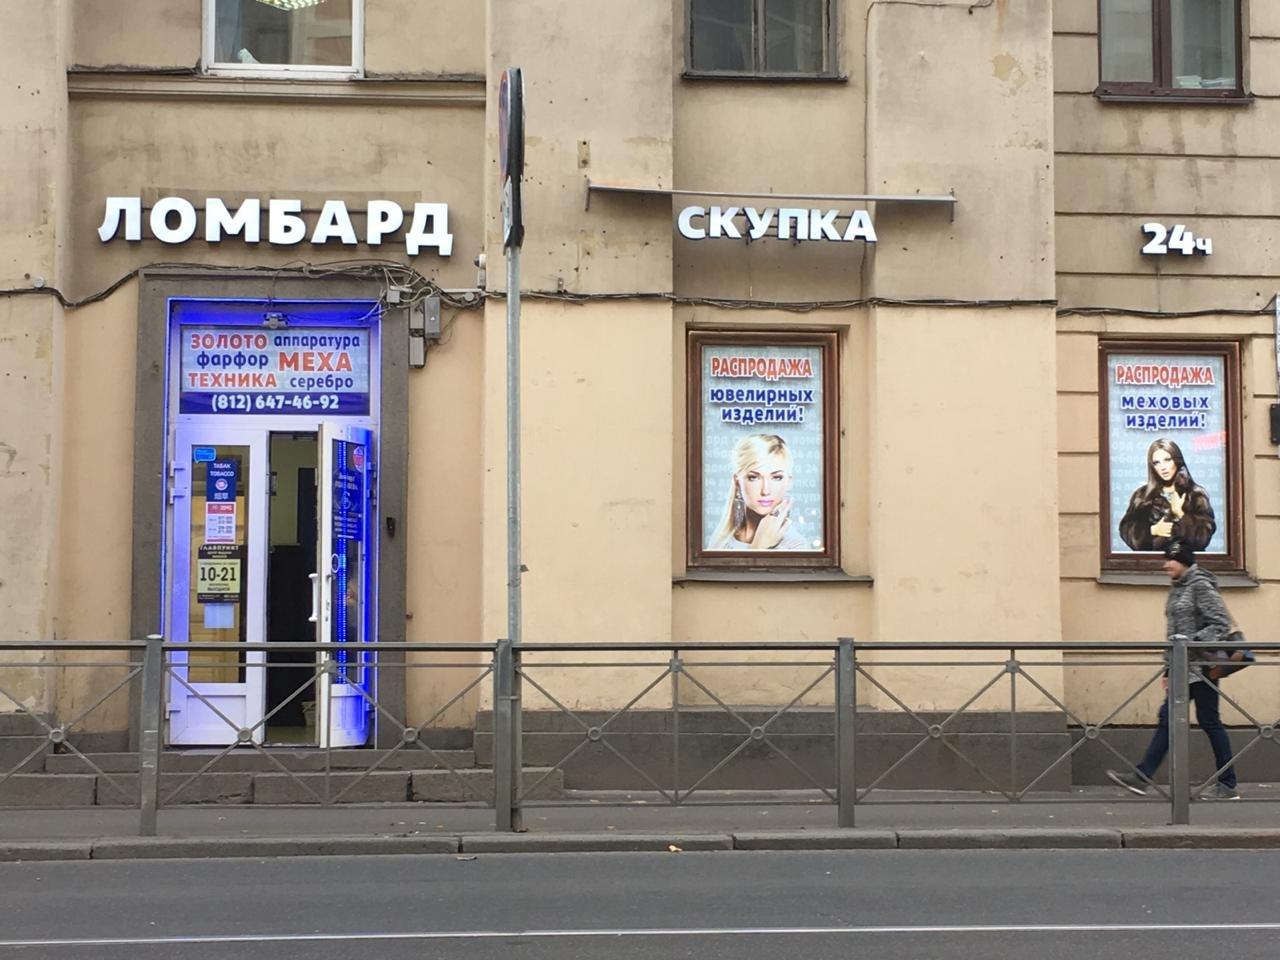 Спб московский район скупка 24 часа продам часы шахматные